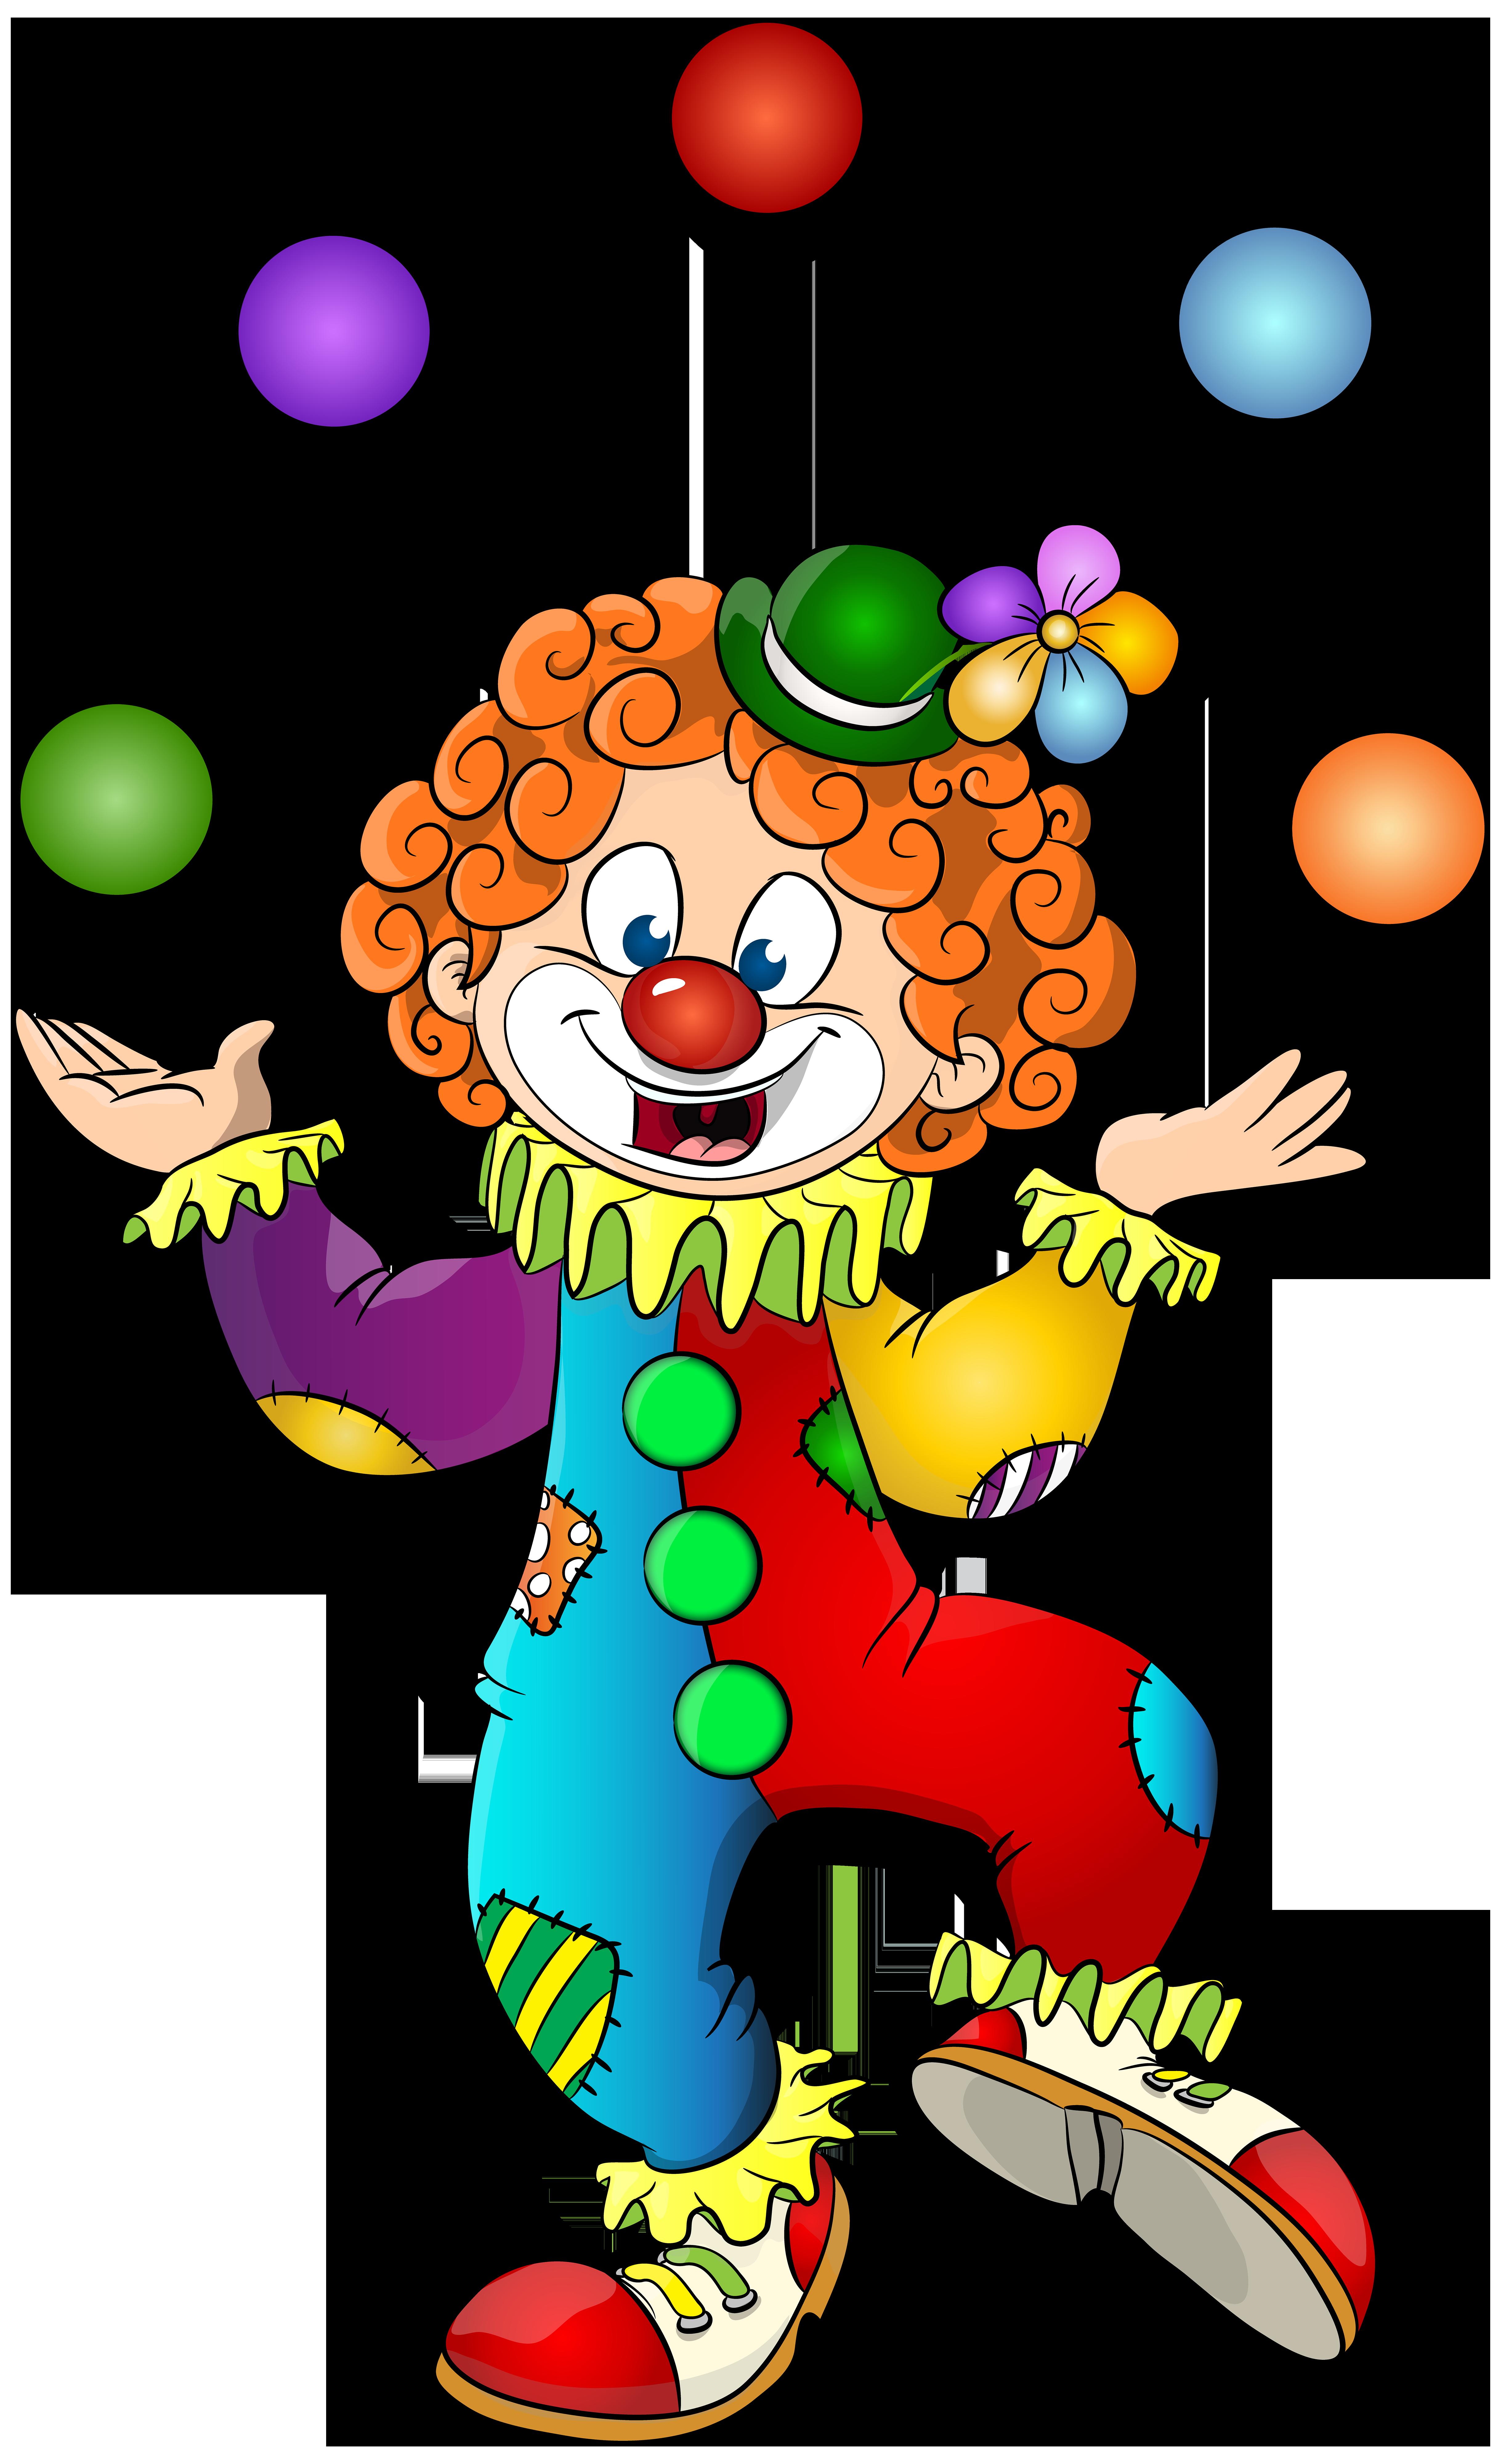 Clown clipart. Transparent clip art image